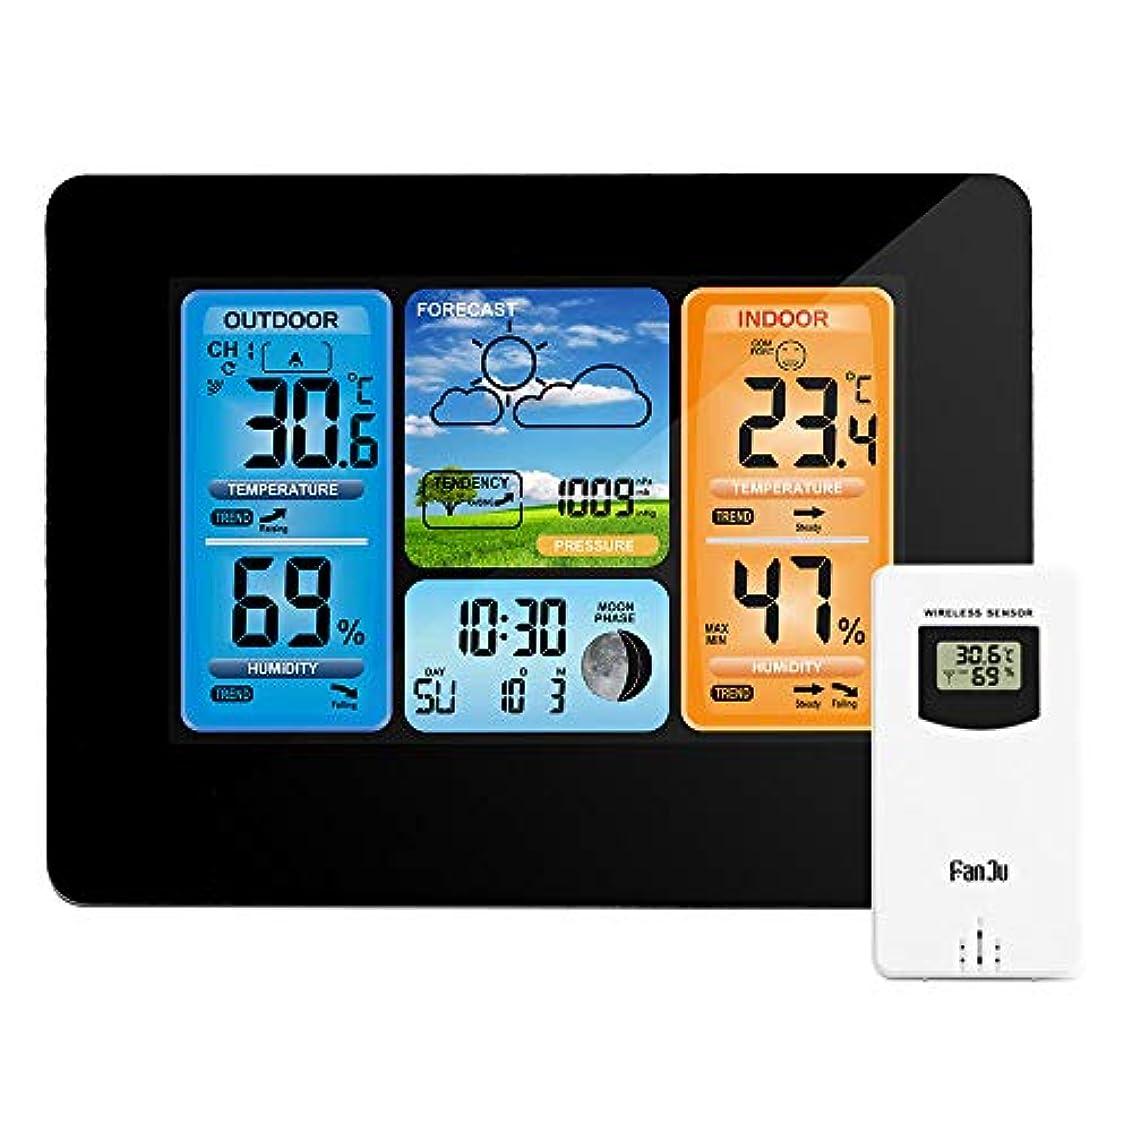 補償実験的昆虫を見る天気ステーションデジタル温度計湿度計ワイヤレスセンサー予測温度時計ウォールデスク目覚まし時計